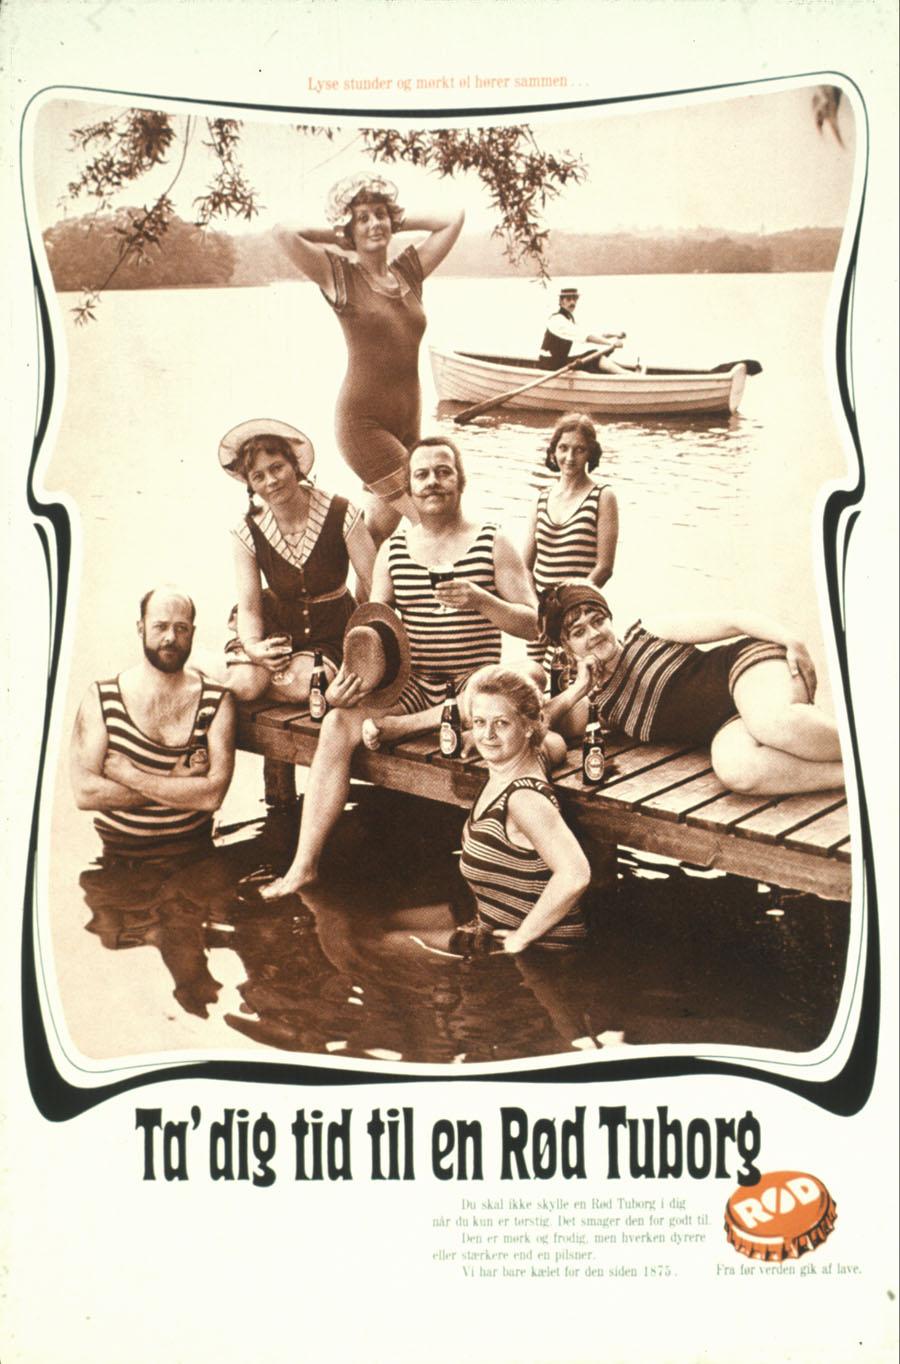 rodtuborgkampagne1973